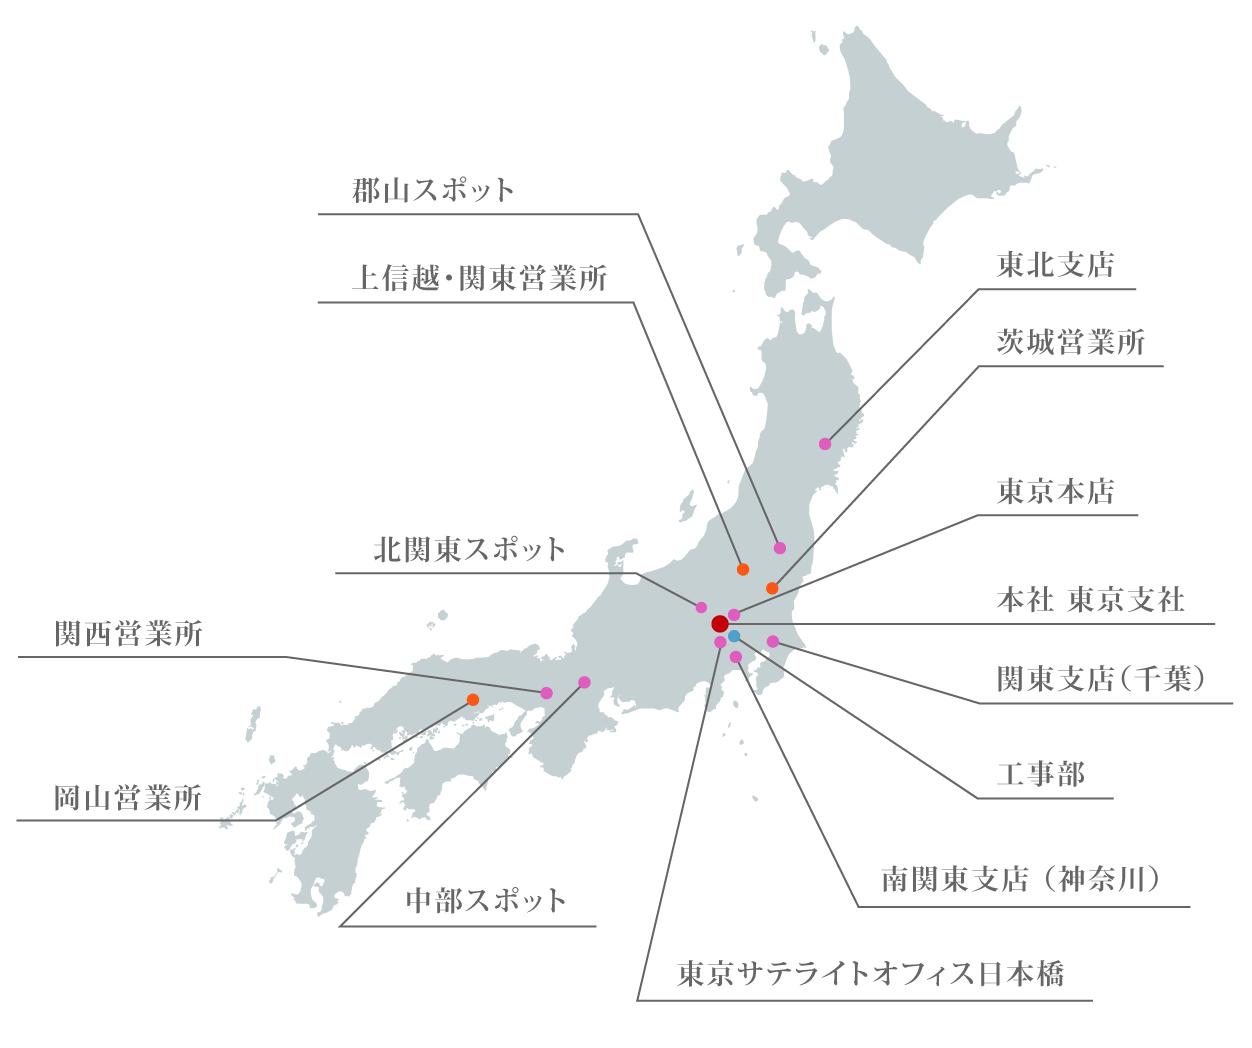 事業所地図